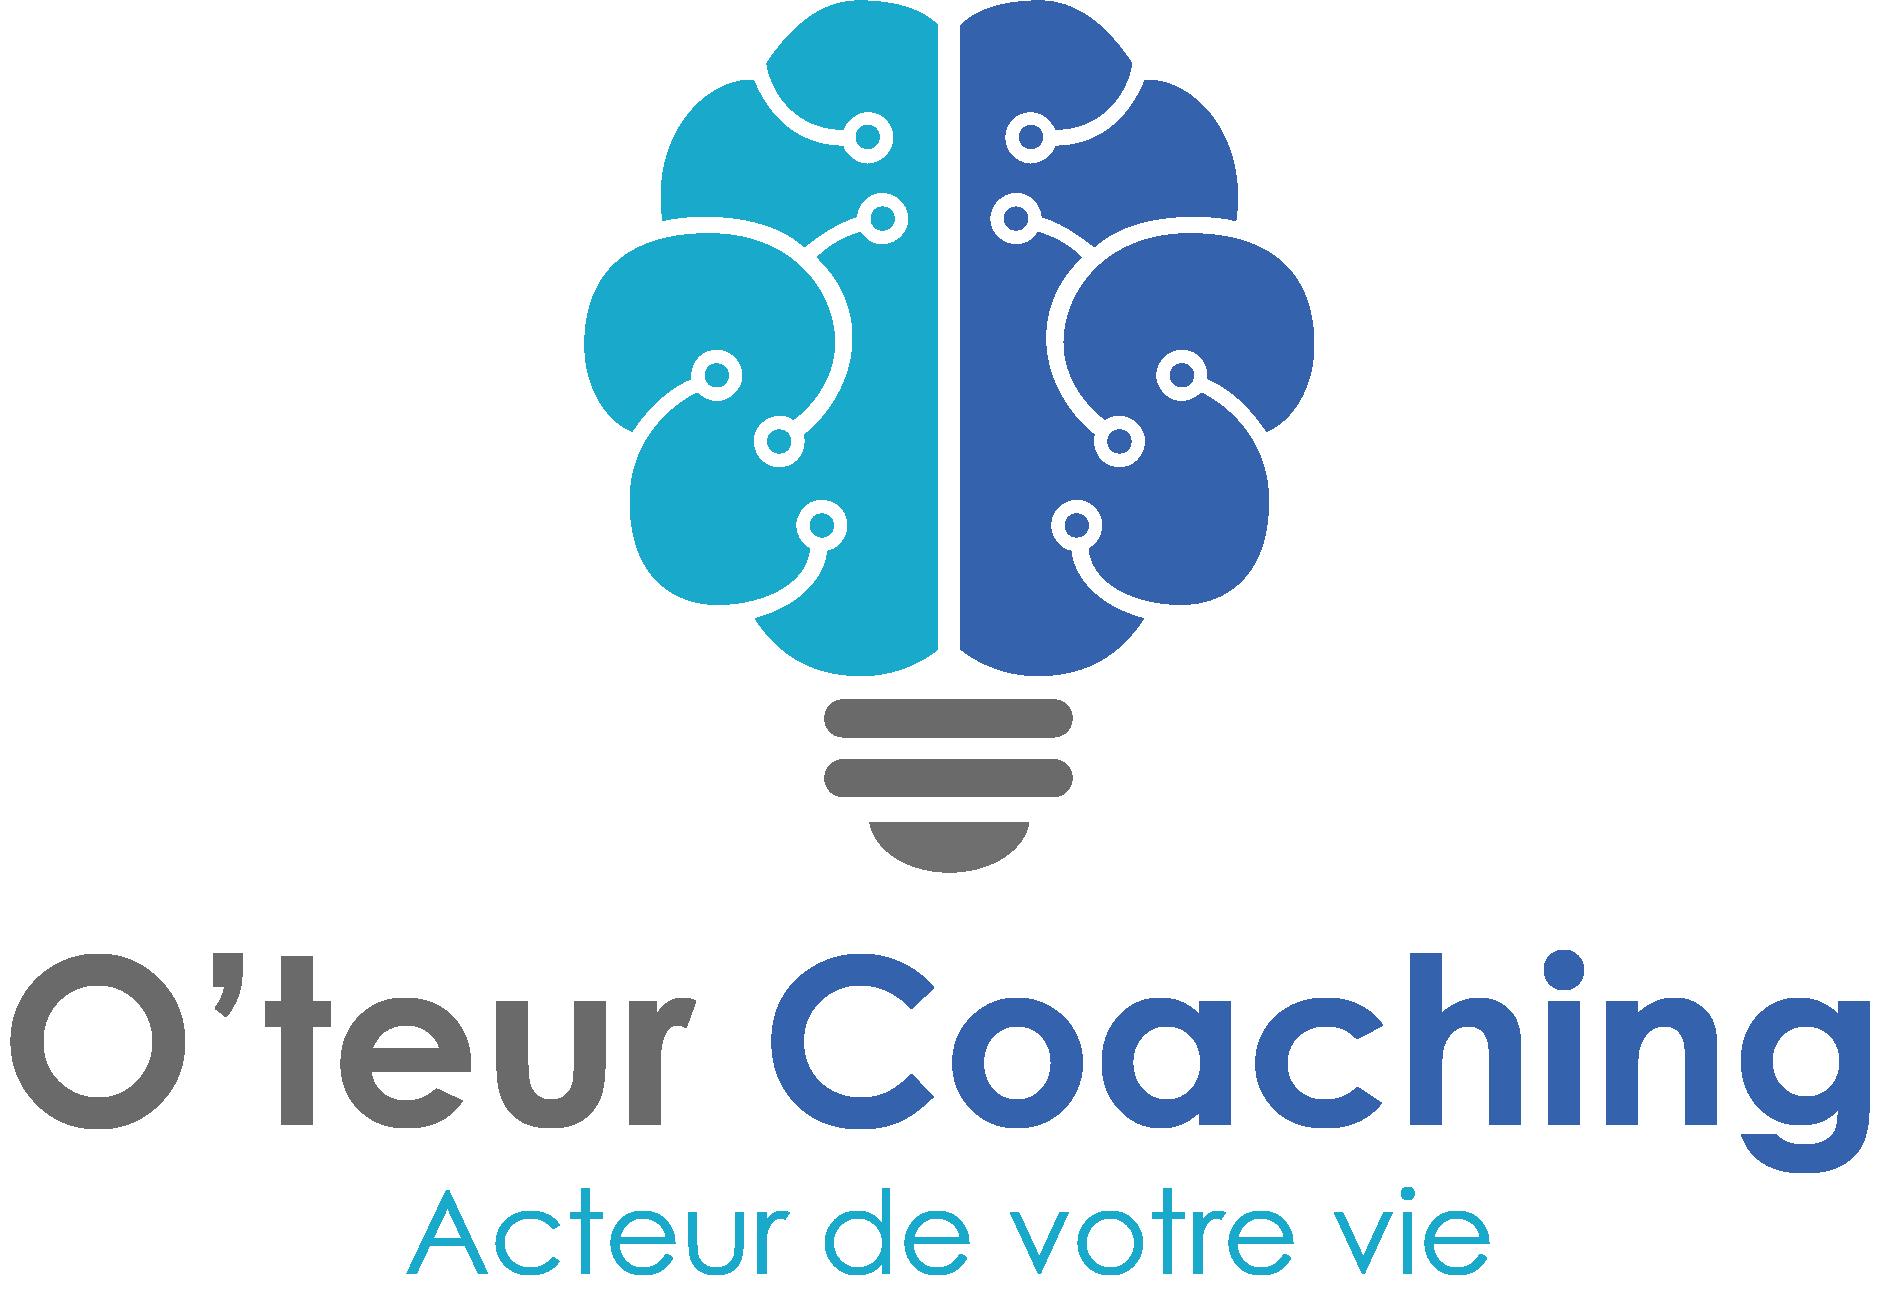 O'teur coaching